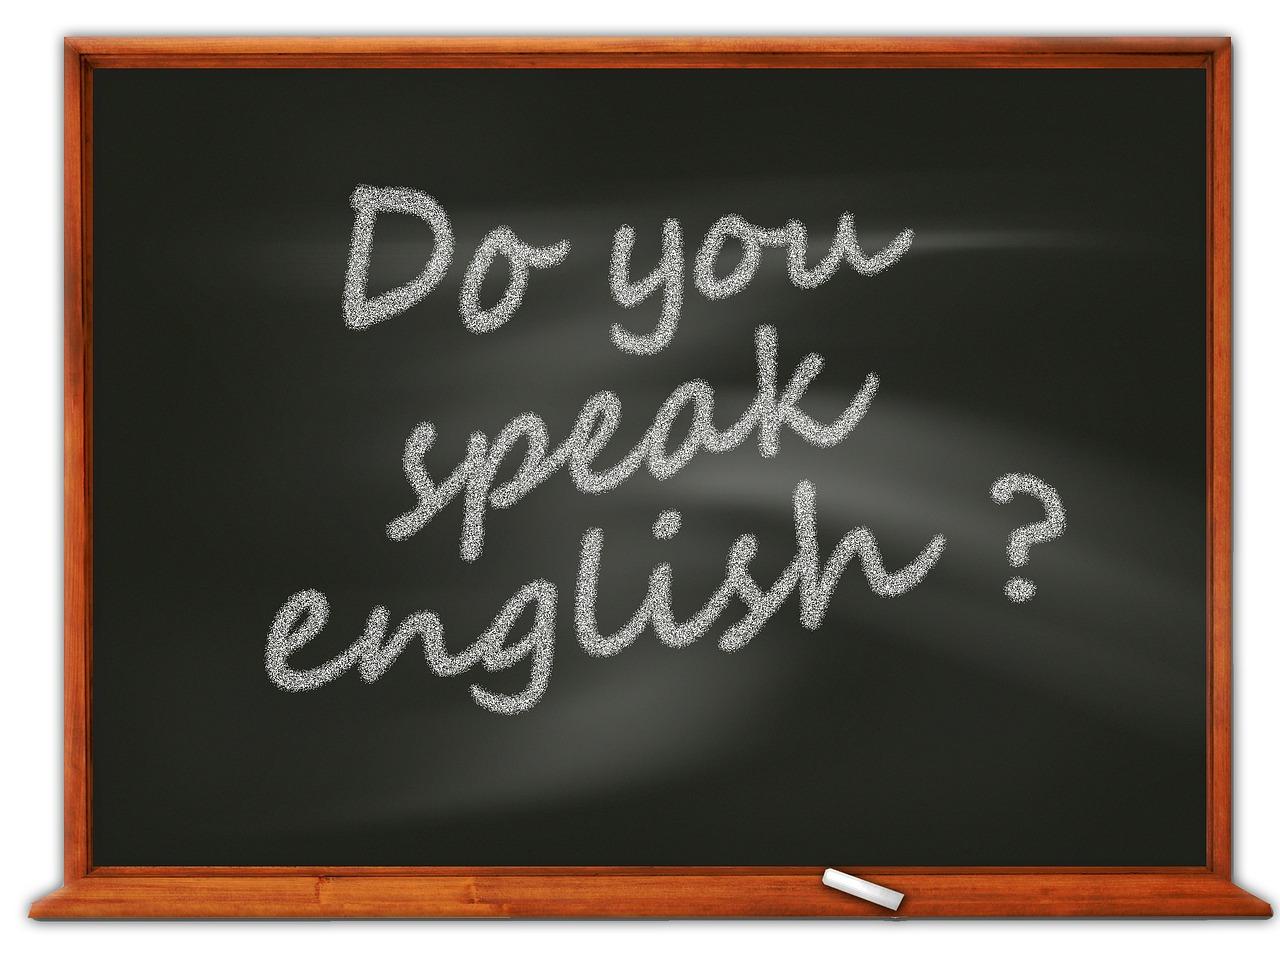 S angličtinou je vhodné začít již v útlém věku